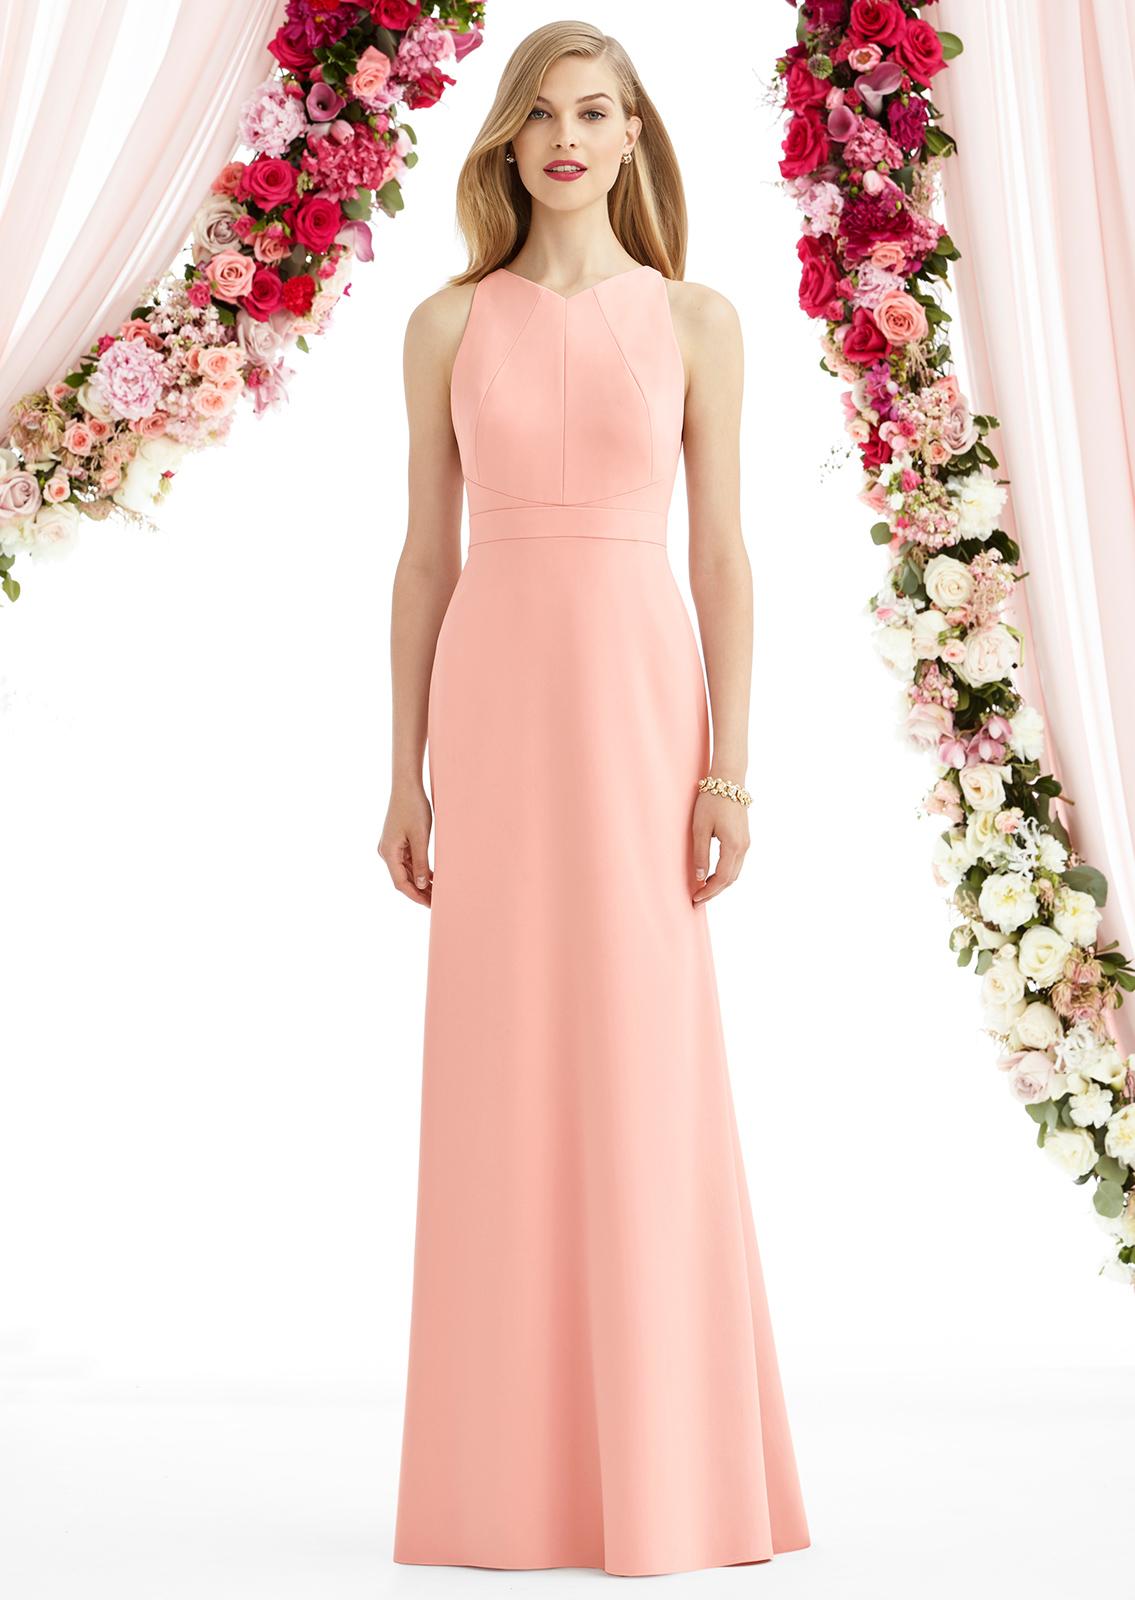 f114ab01a66 Bridesmaid Dress  After Six 6740 - La Bella Sposa